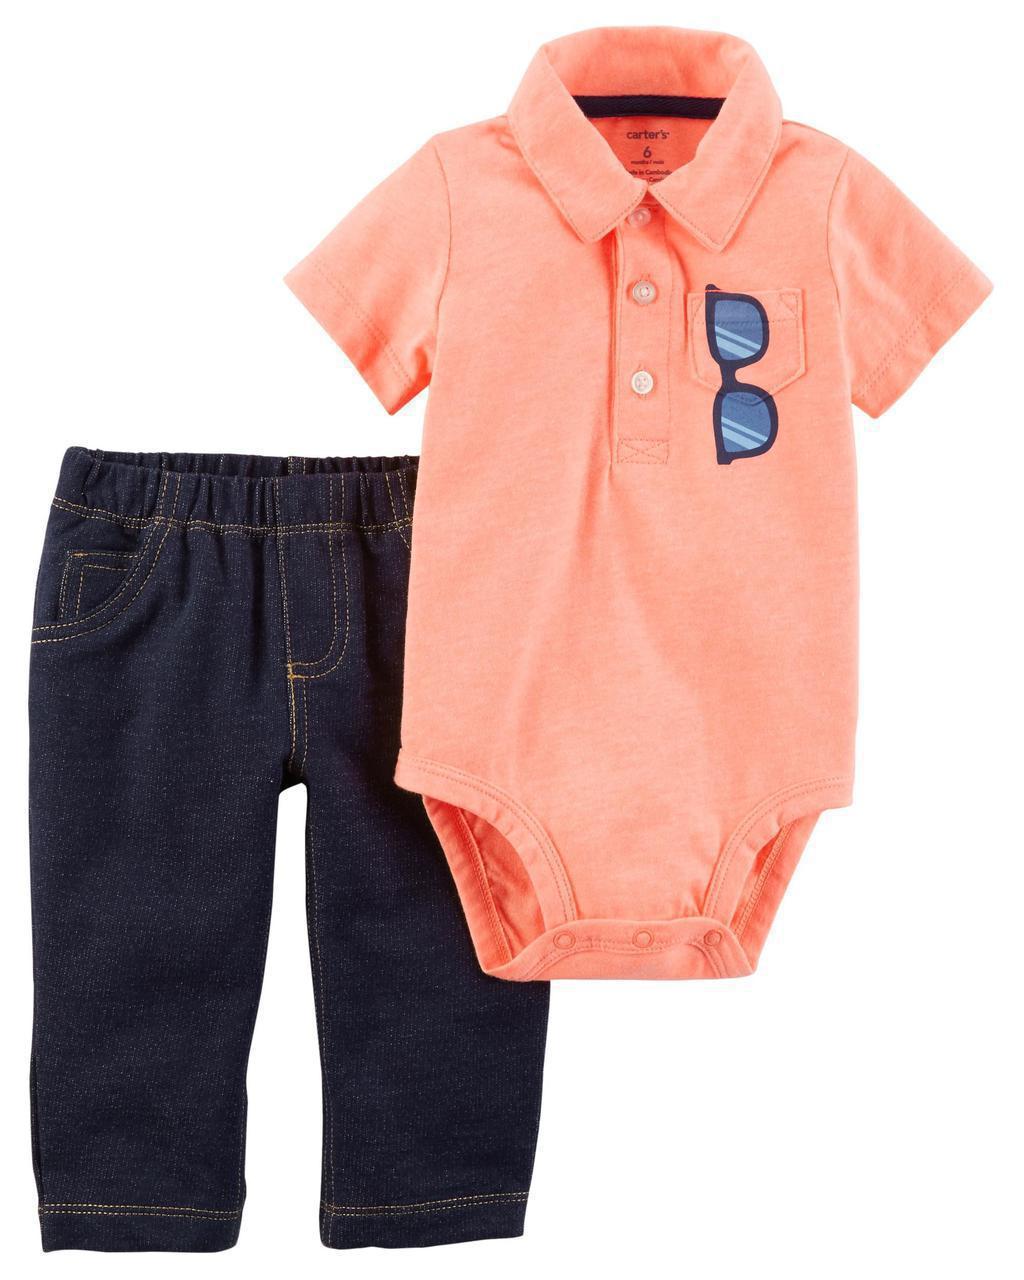 Штаны + Боди-поло Carters на новорожденного мальчика до 55 см. Комплект двойка